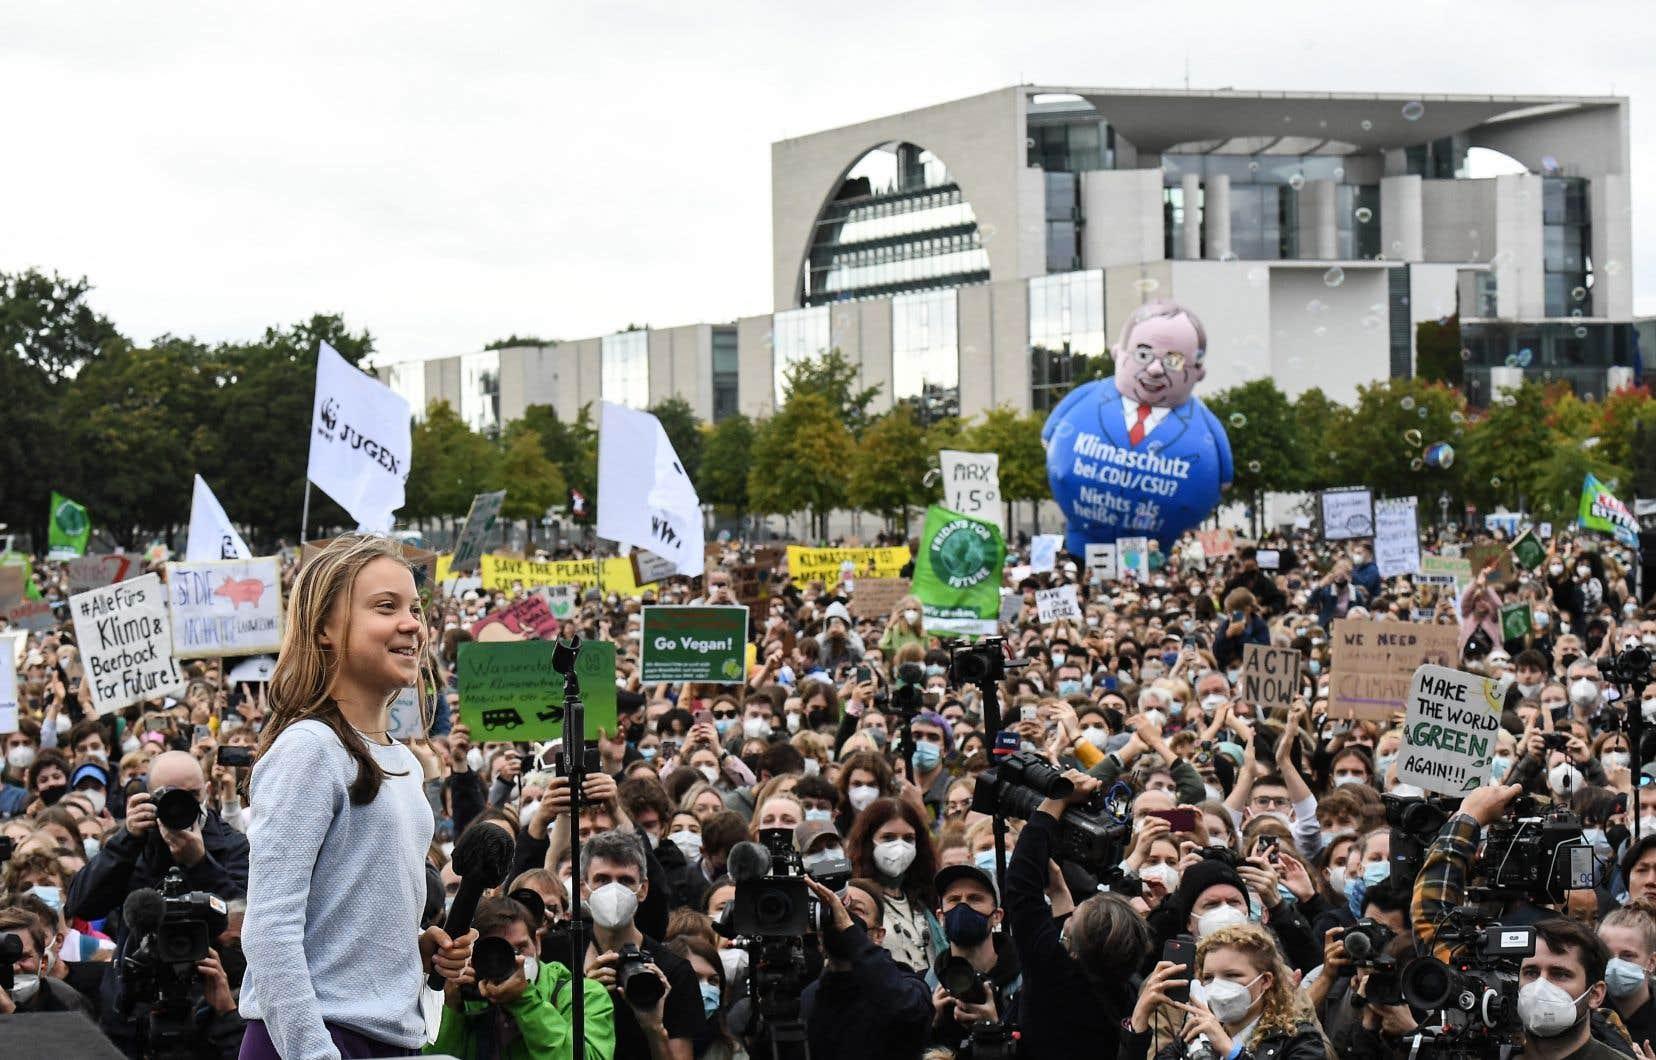 «Les partis politiques n'en font pas assez» pour le climat, a lancé la jeune militante suédoise Greta Thunberg à une foule de manifestants.